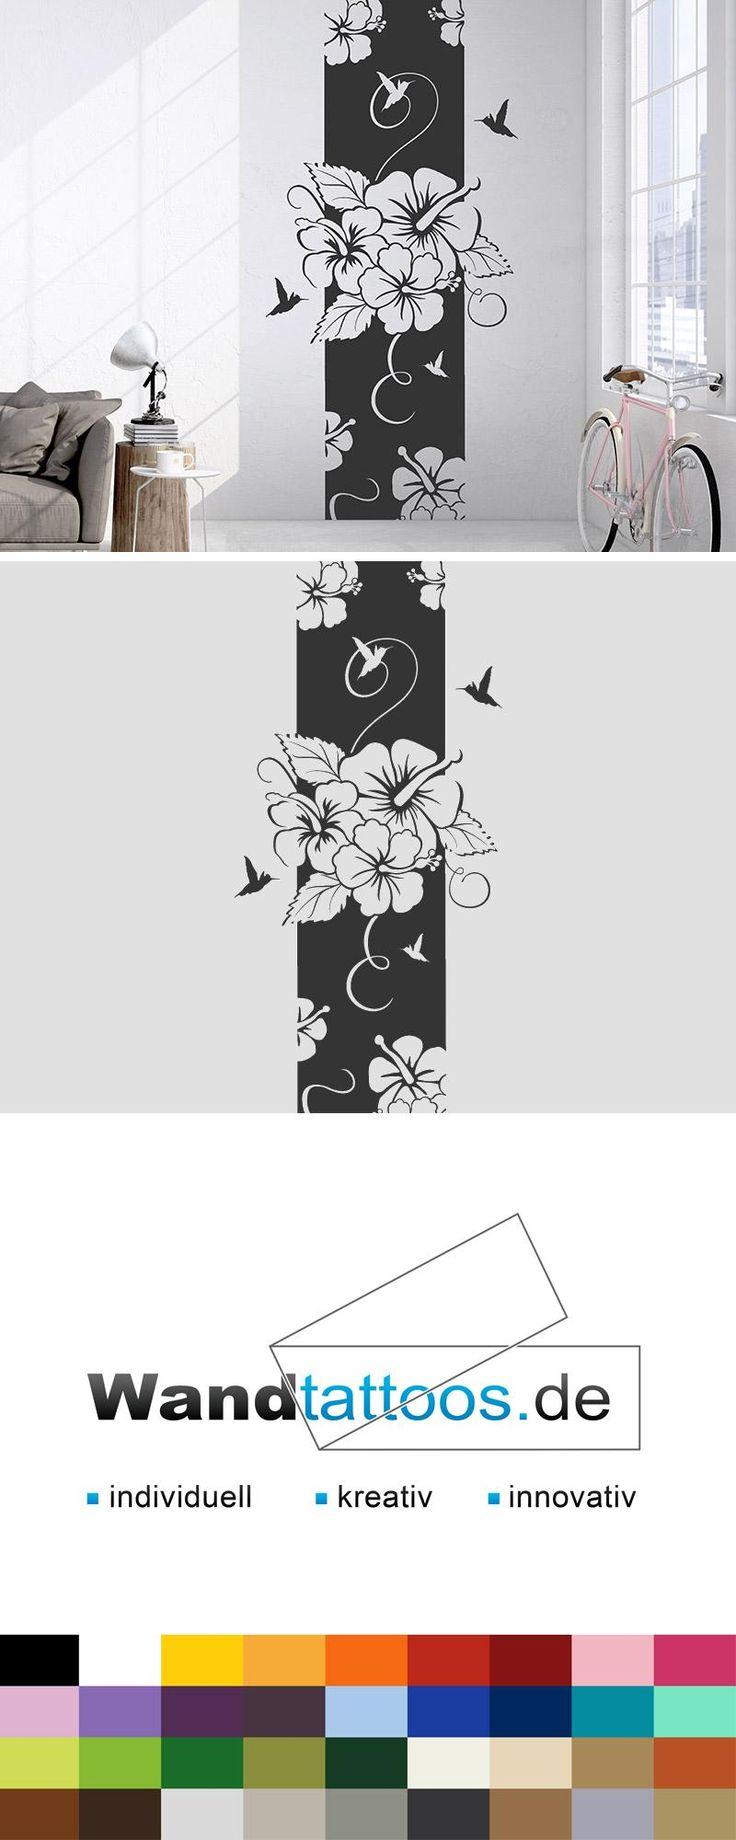 Wandbanner Hibiscus Blüte als Idee zur individuellen Wandgestaltung. Einfach Lieblingsfarbe und Größe auswählen. Weitere kreative Anregungen von Wandtattoos.de hier entdecken!